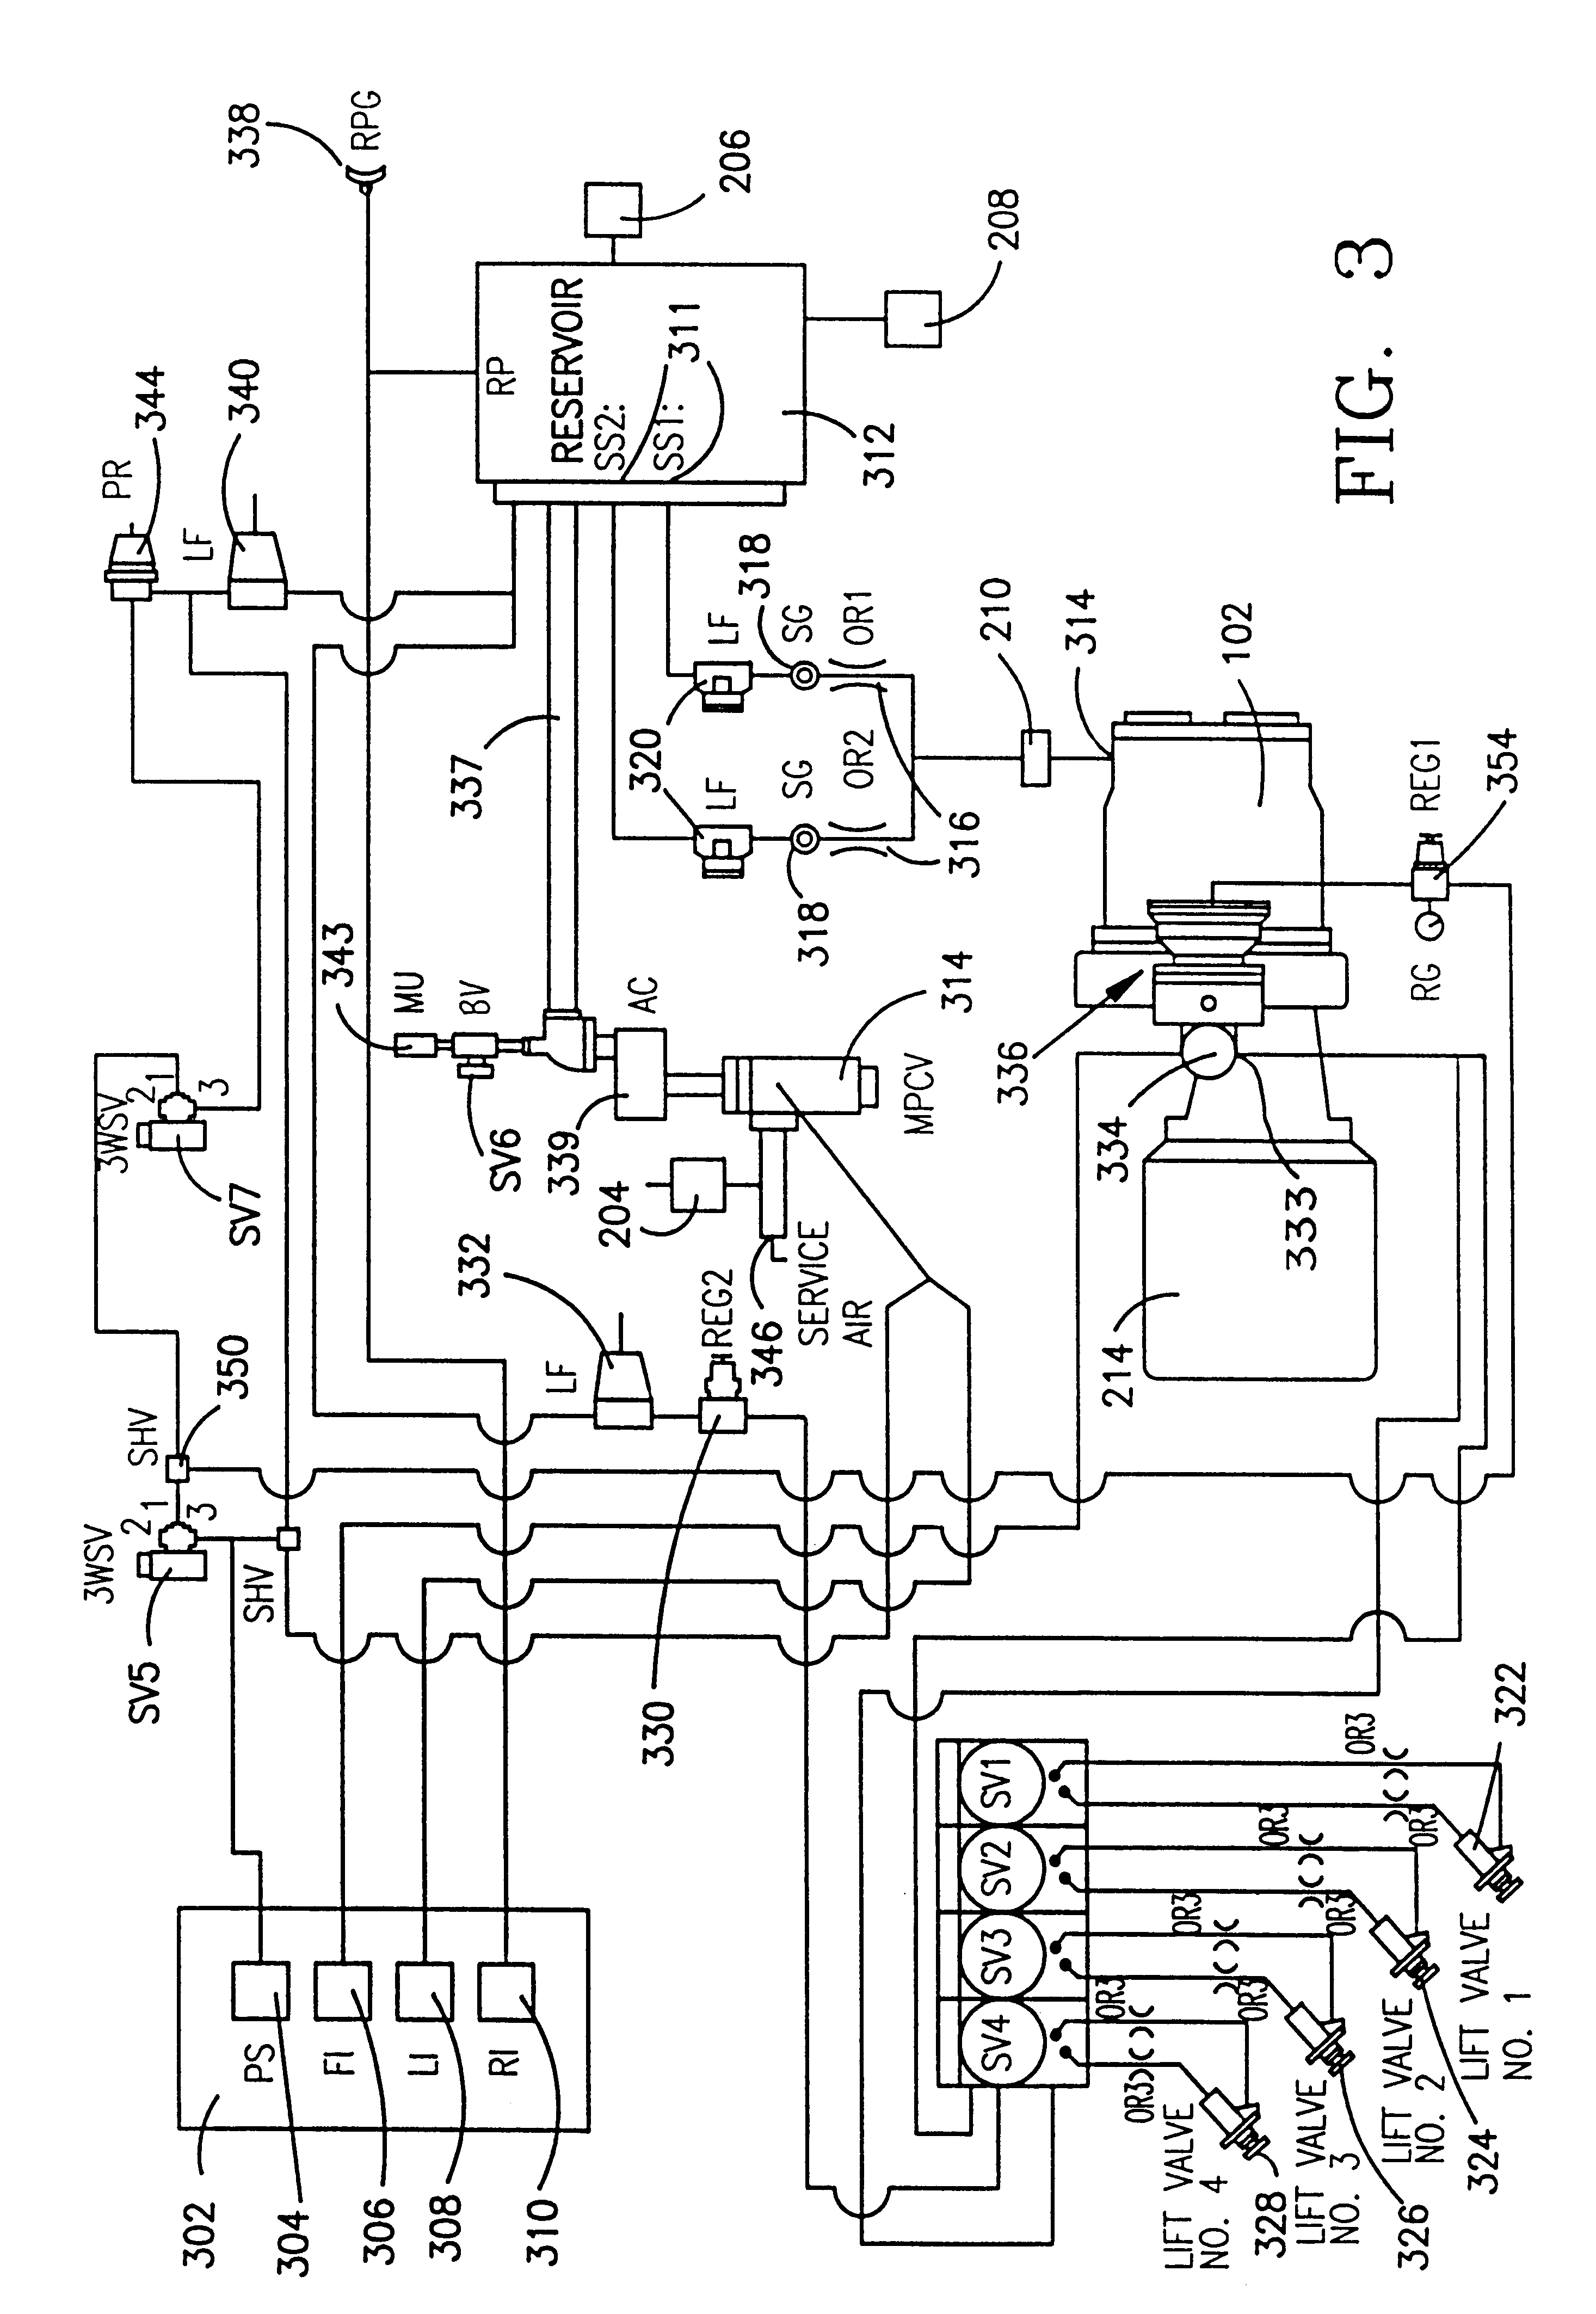 air pressor wiring diagram on sullair mecc alte wiring